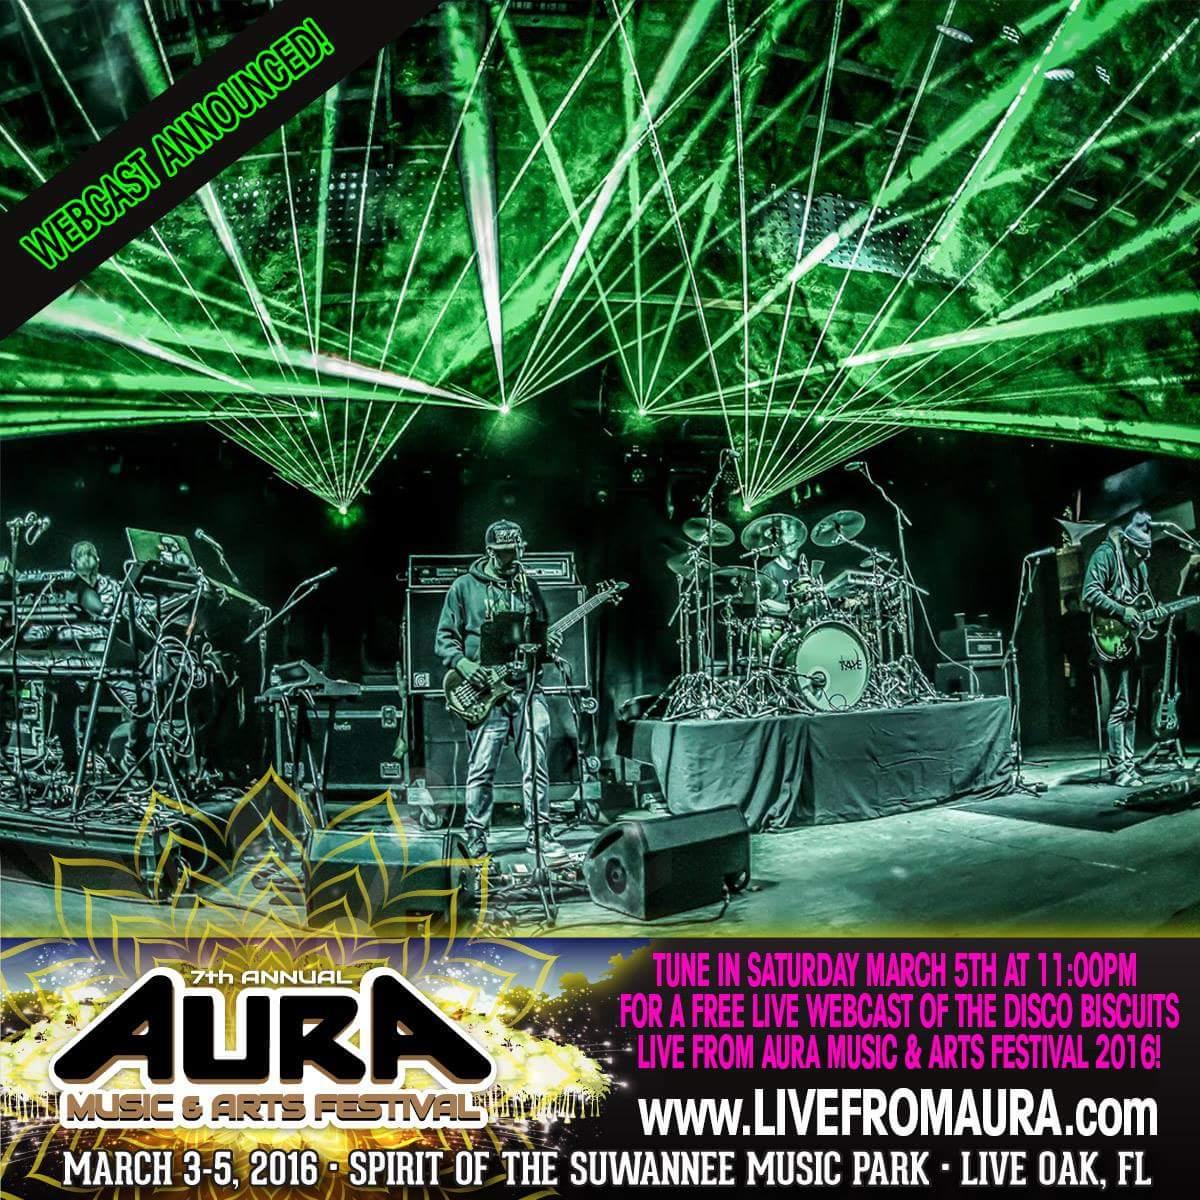 AURA Music Festival (@AuraMusicFest) | Twitter